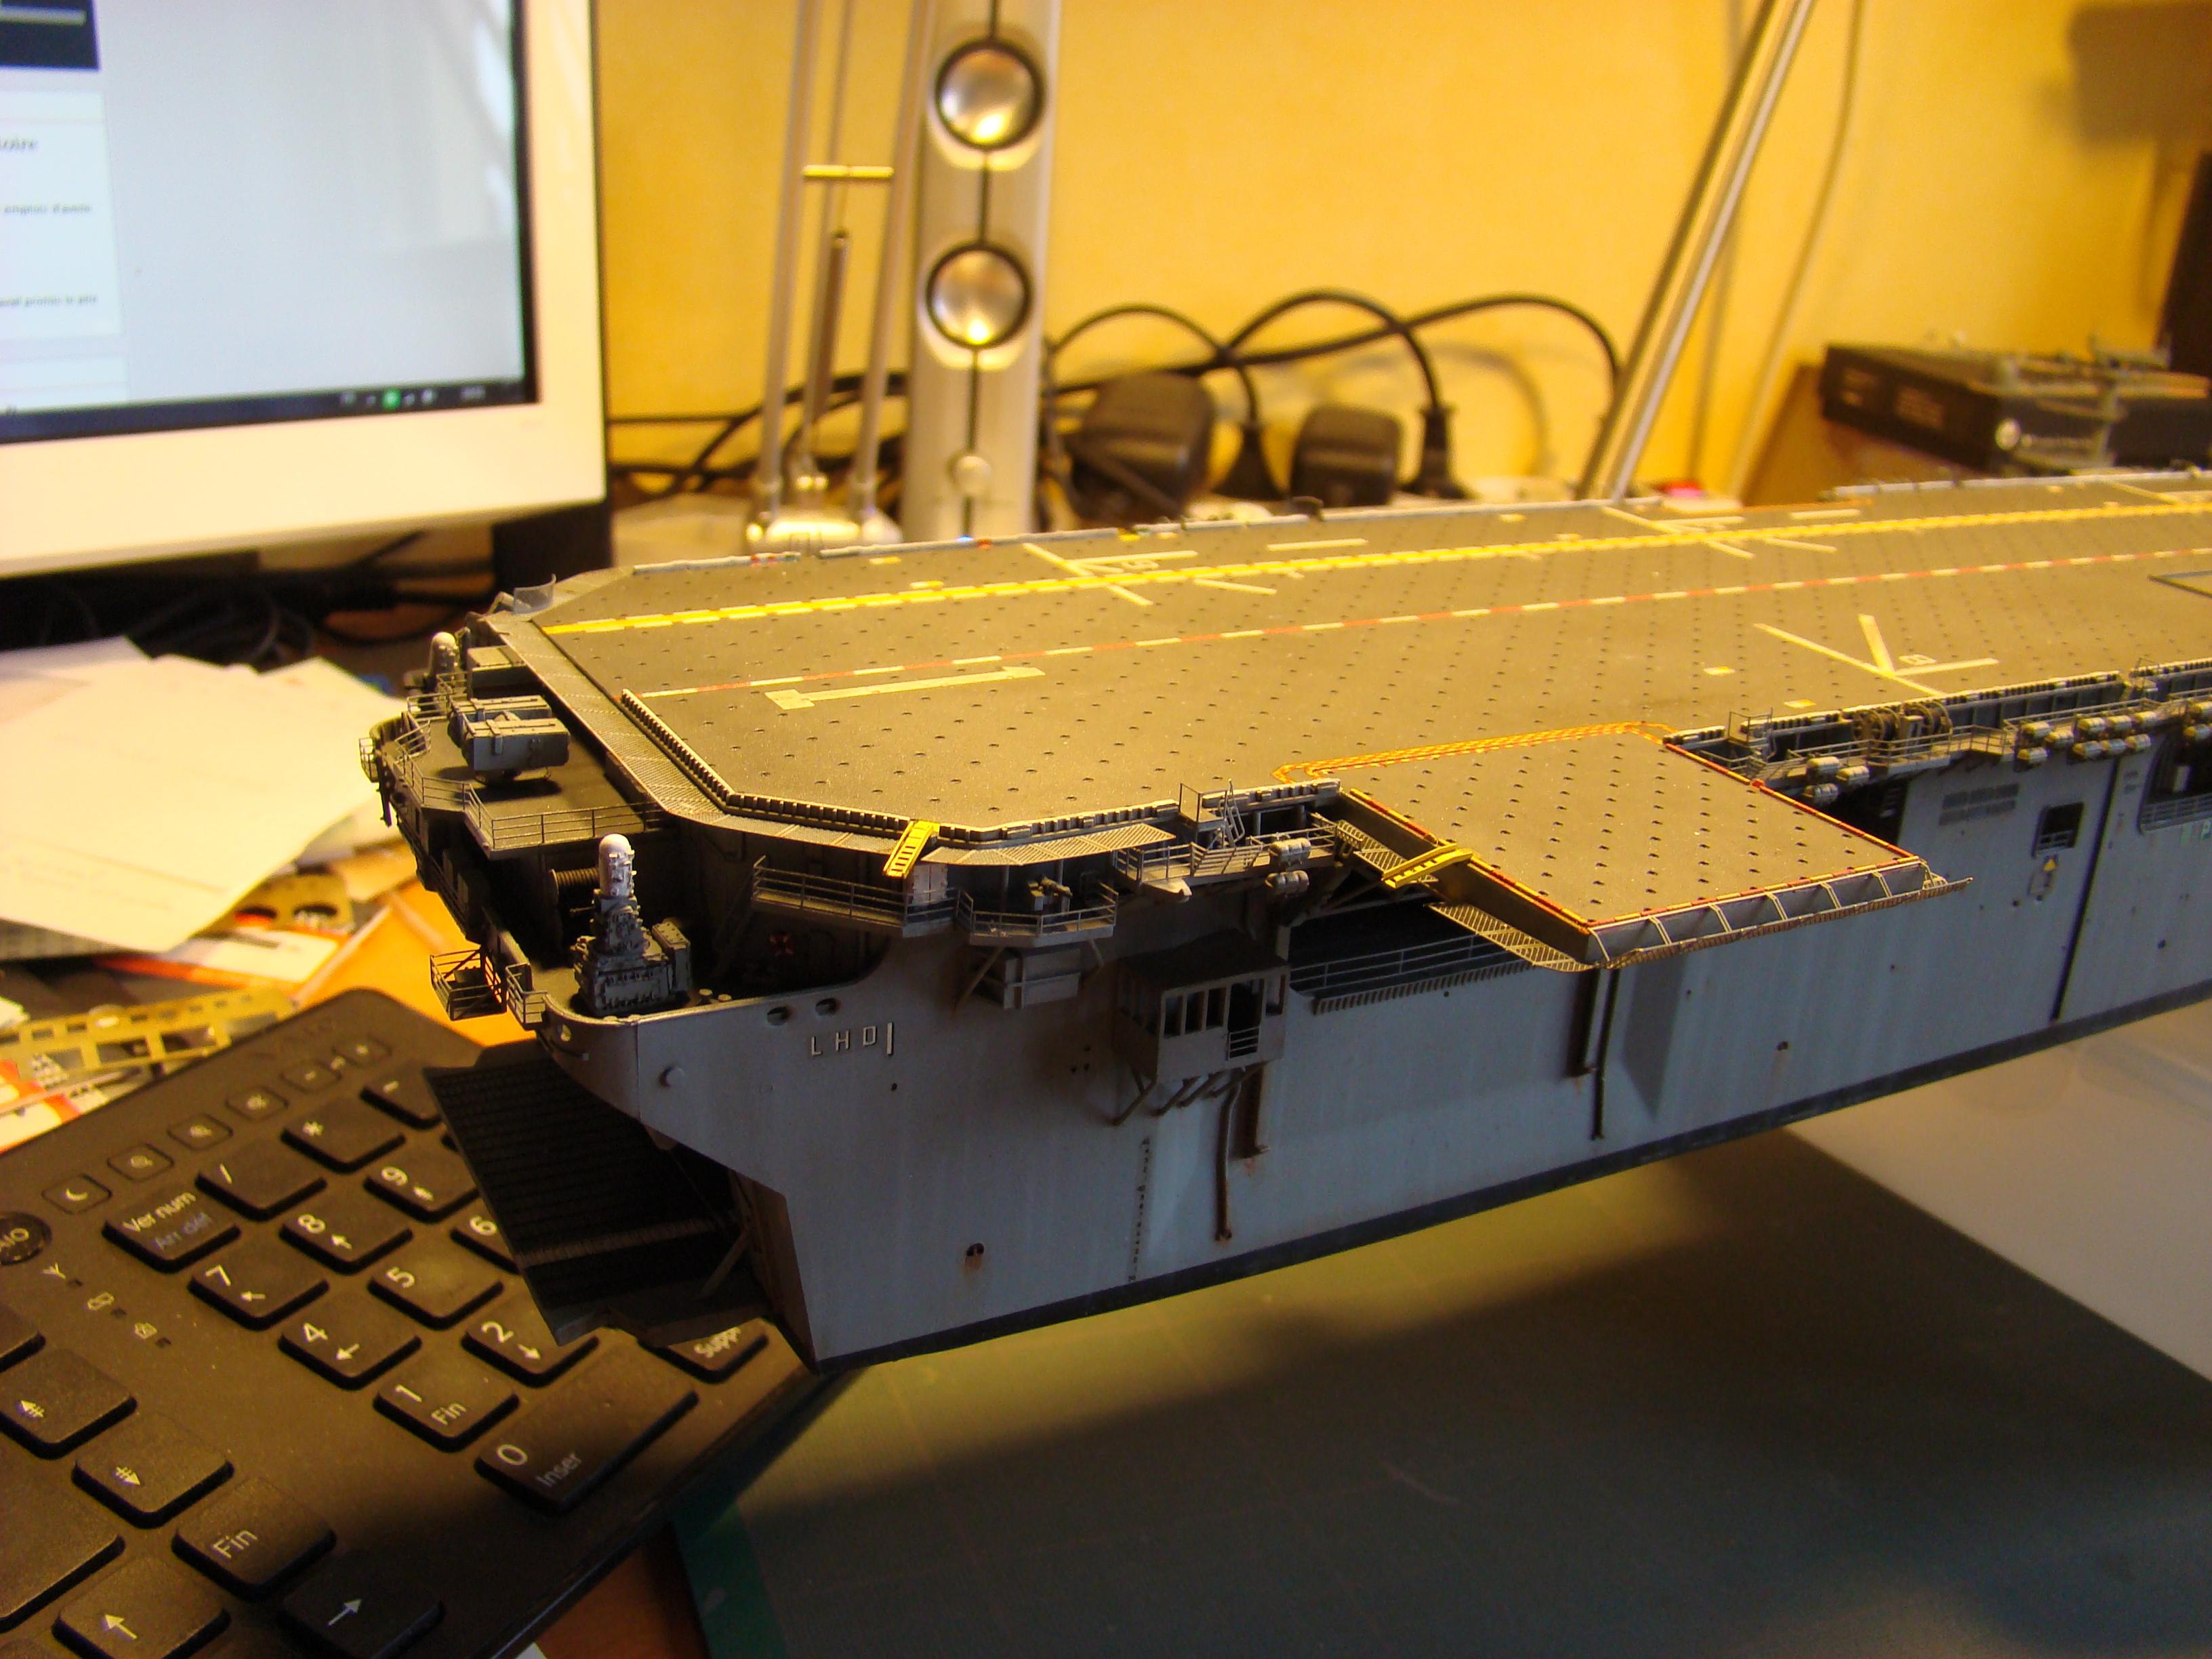 USS WASP LHD-1 au 1/350ème par nova73 - Page 7 Dsc09101k